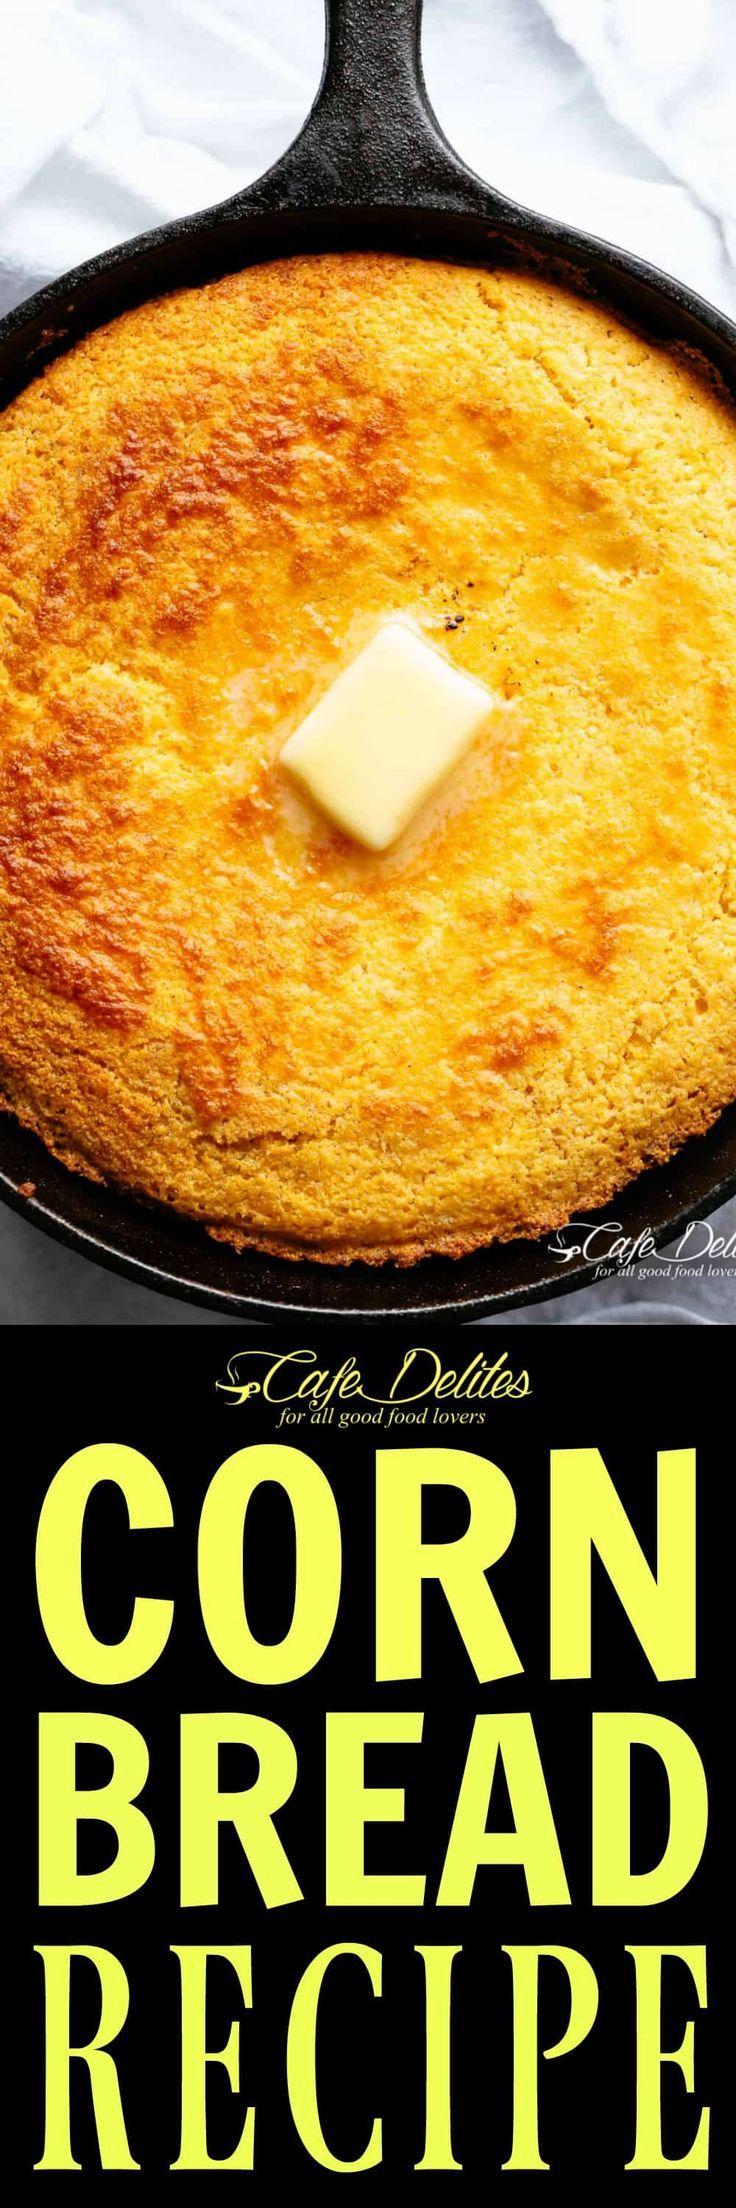 Cornbread Recipe Cafe Delites Corn Bread Recipe Recipes Food